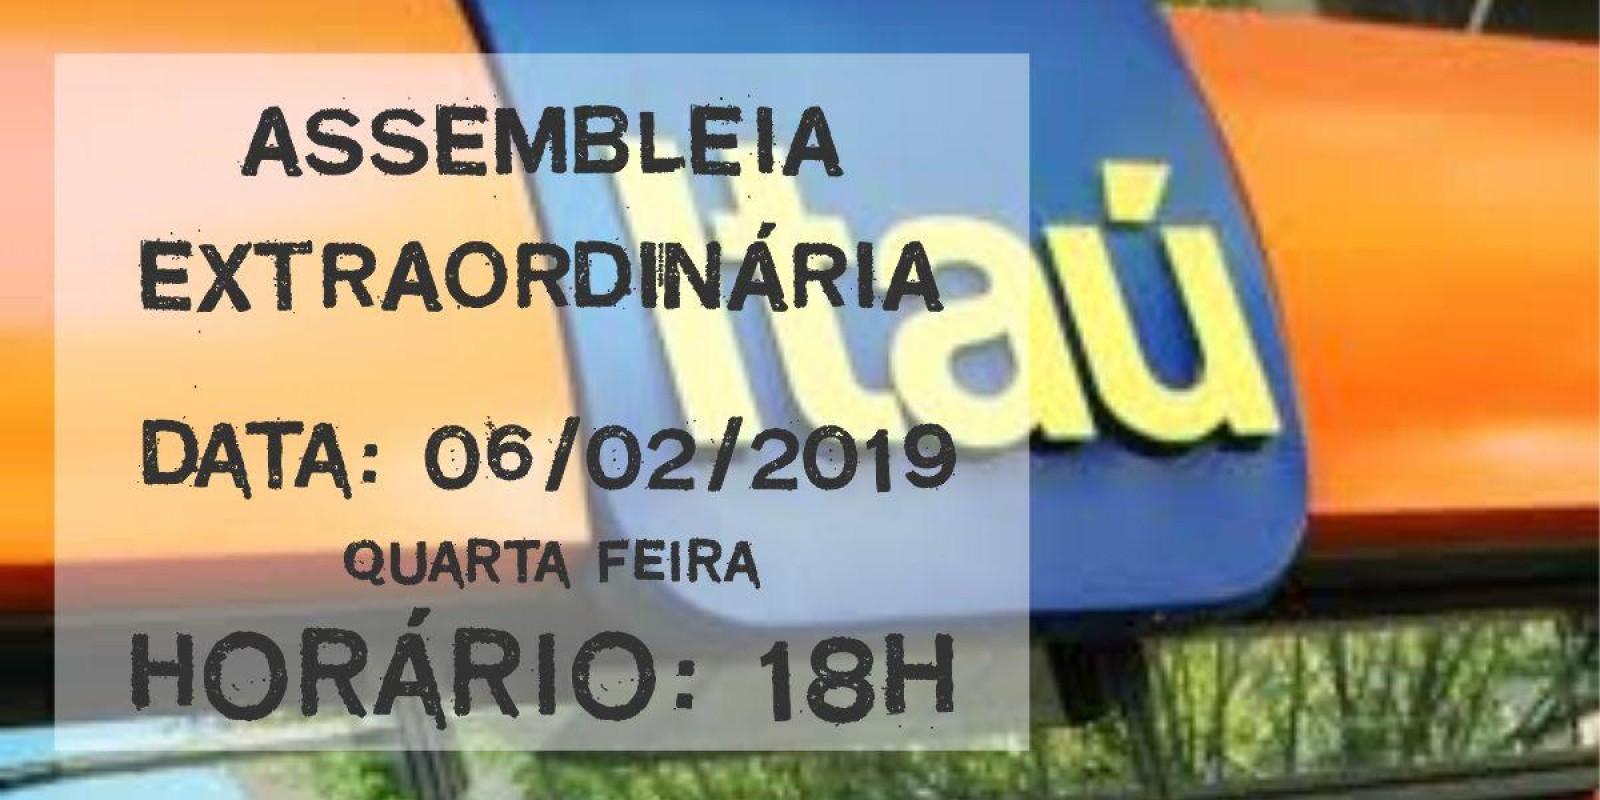 Assembleia Geral Extraordinária - CCV Itaú Unibanco